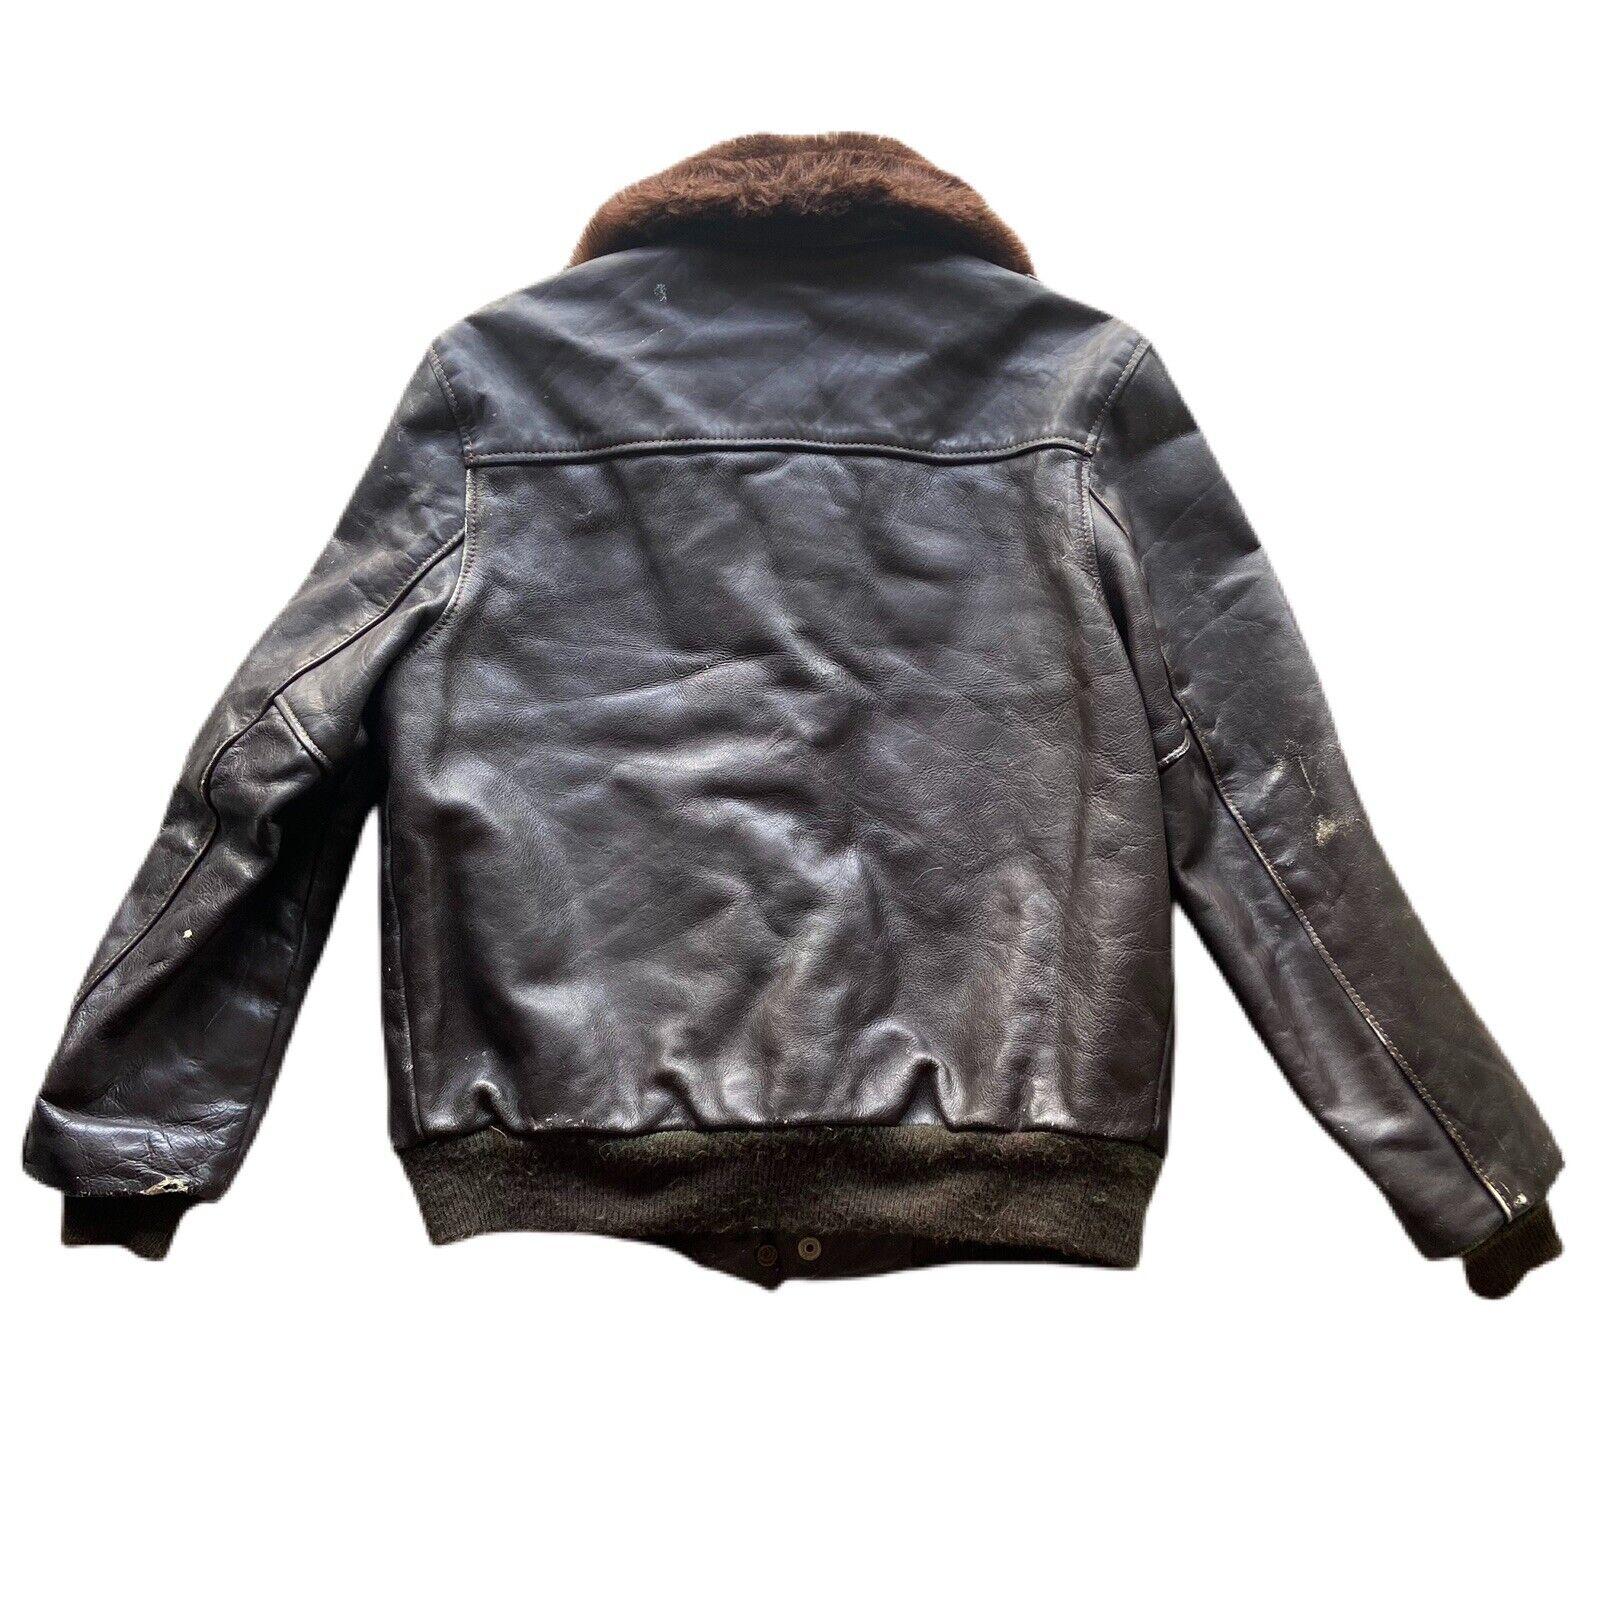 Vintage 60's G-1 Leather Bomber Flight Fur Jacket - image 5